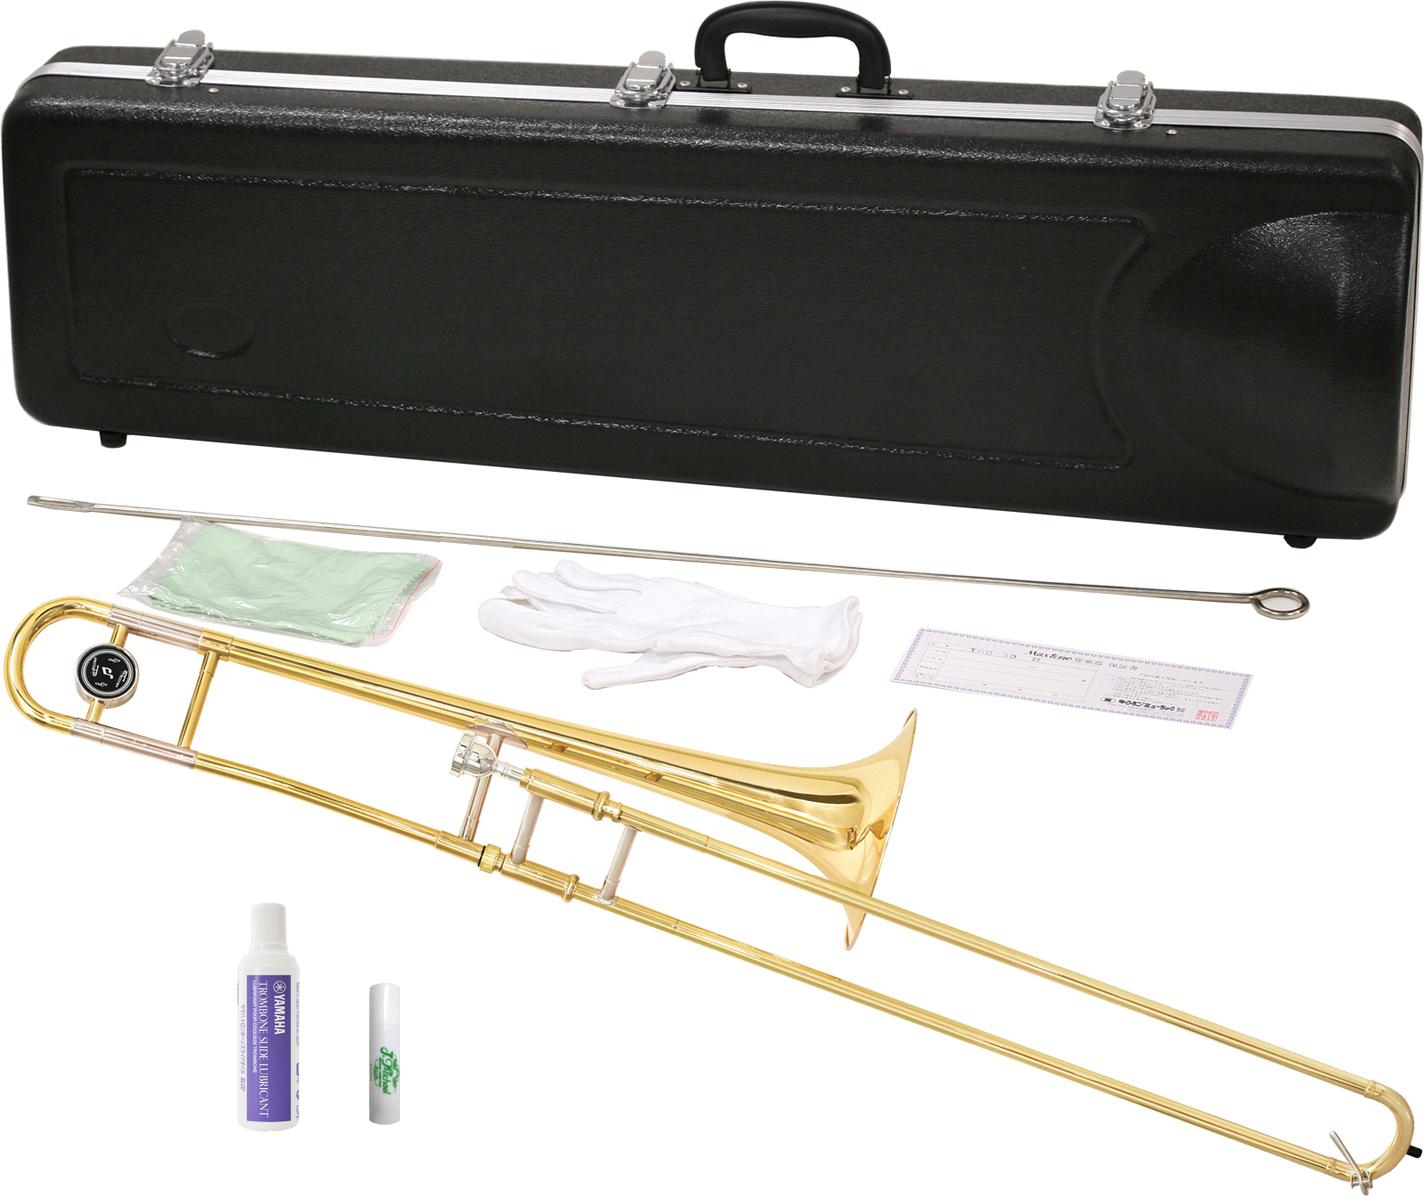 MAXTONE ( マックストーン ) トロンボーン TRB-30 新品 細管 B♭ テナートロンボーン 8インチベル 本体 初心者 スライドオイル 付き 管楽器 【 TRB30 セット B】 送料無料